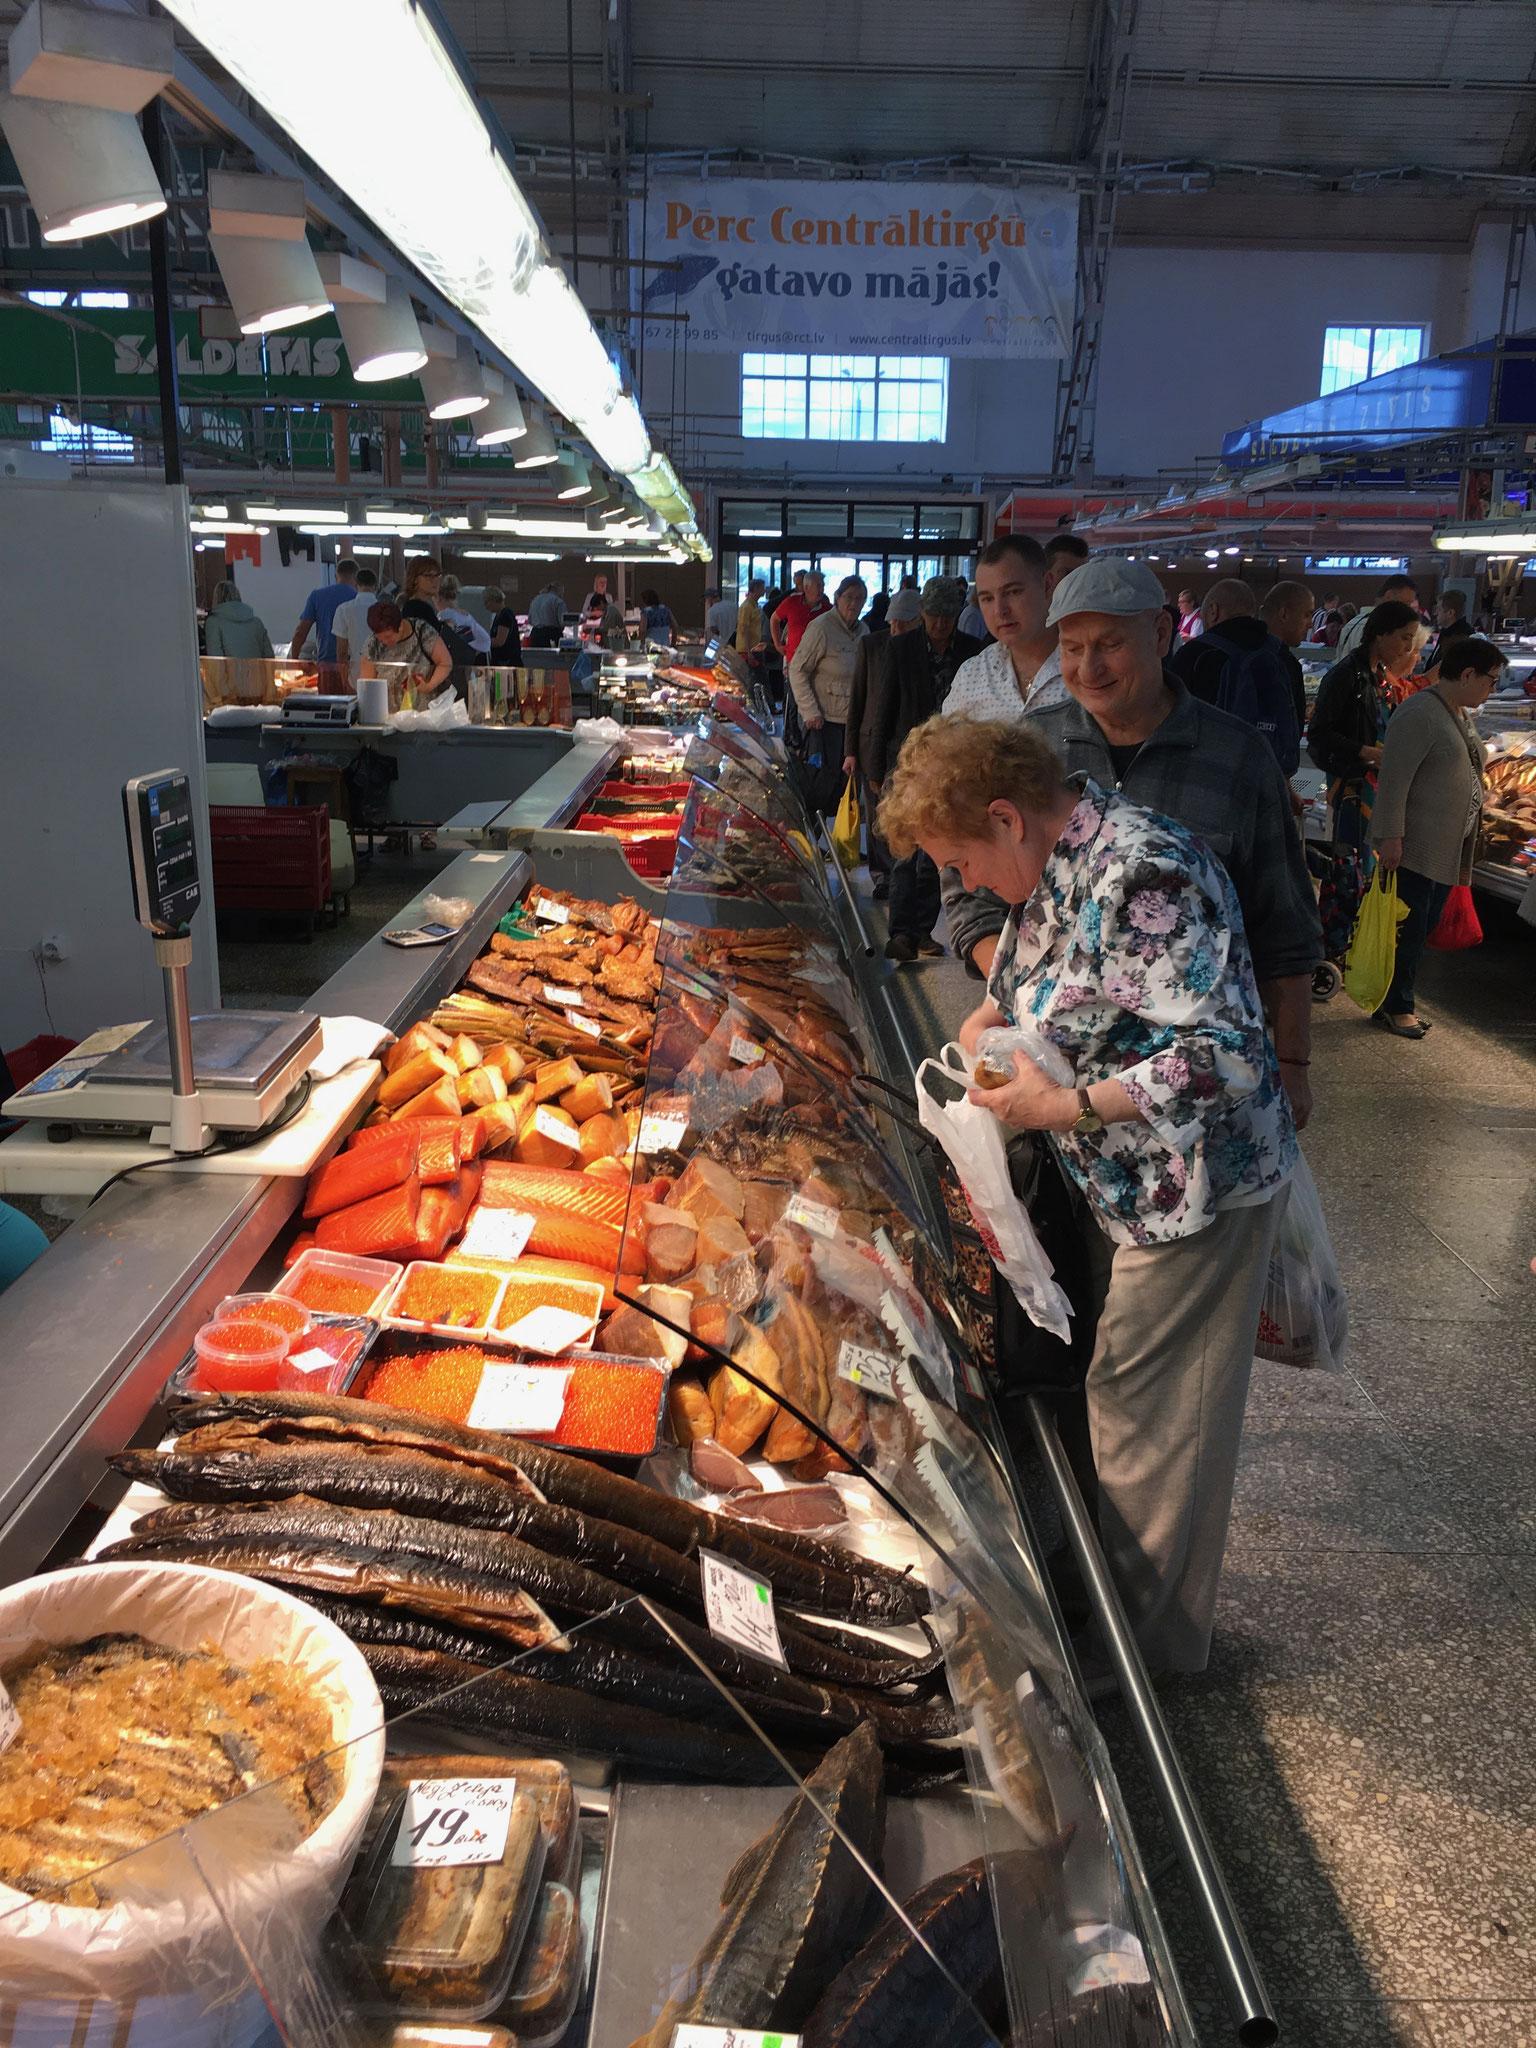 Zentral Markt